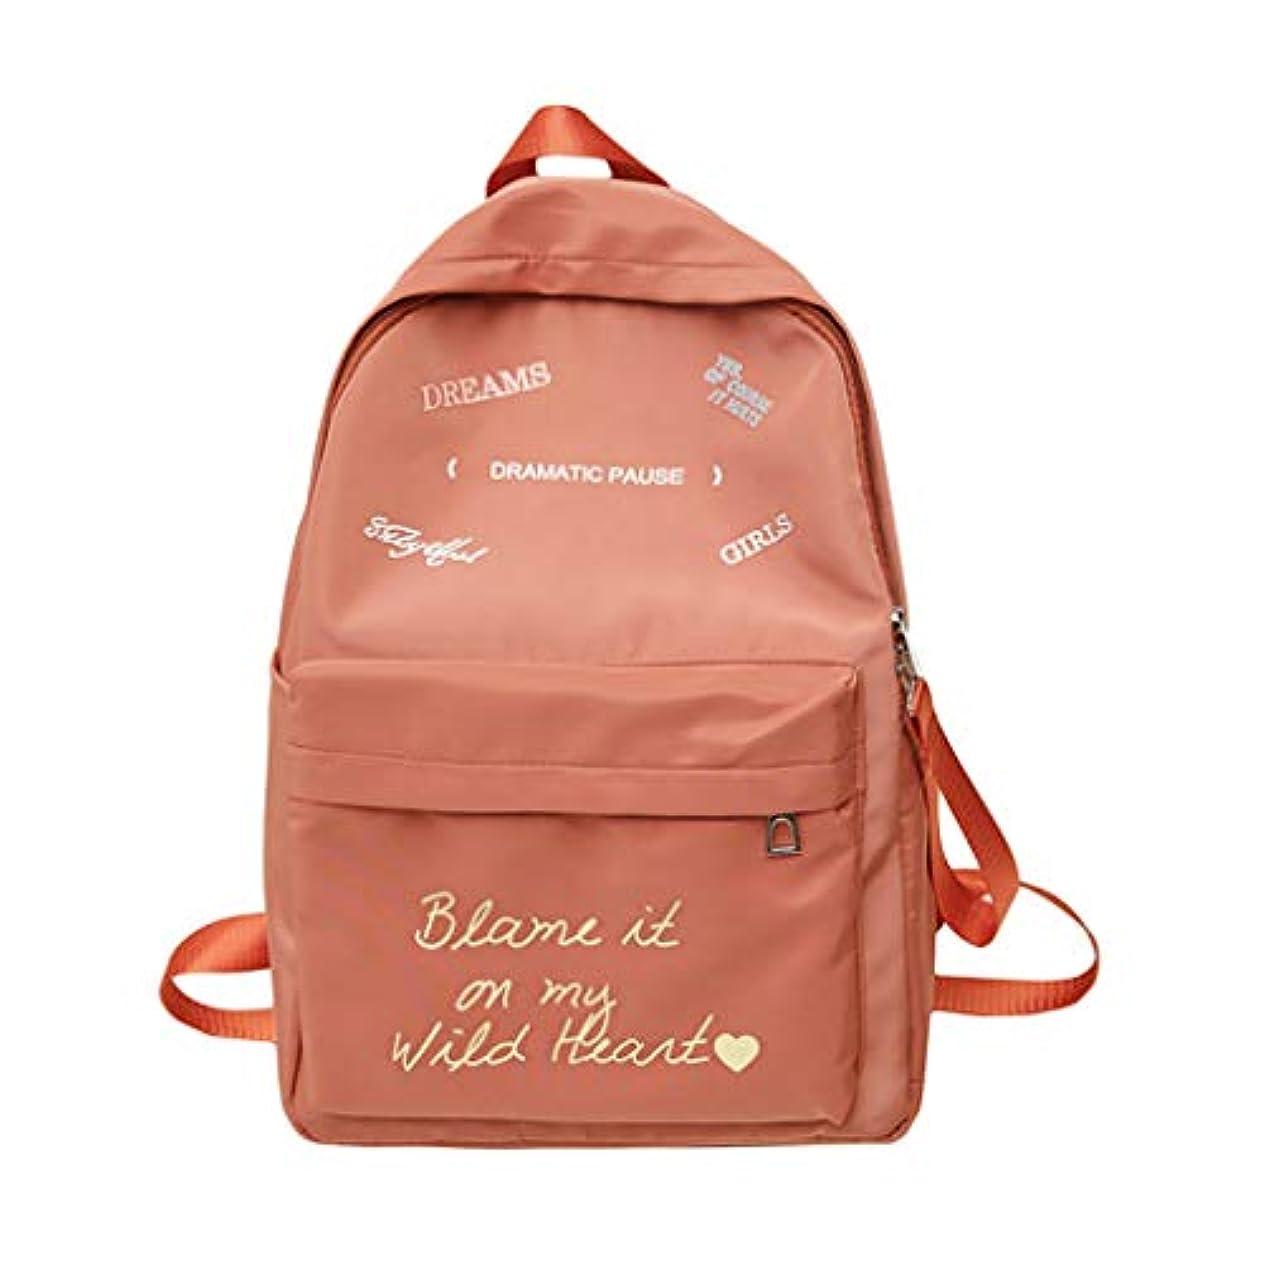 うねる光景ゴールデンショルダーバッグ バックパックファッションラブリー印刷する 両用 ユニセックス 軽量 アウトドア ファッション レジャー 大容量 学生鞄通学通勤レジャー鞄 リュック リュックサック